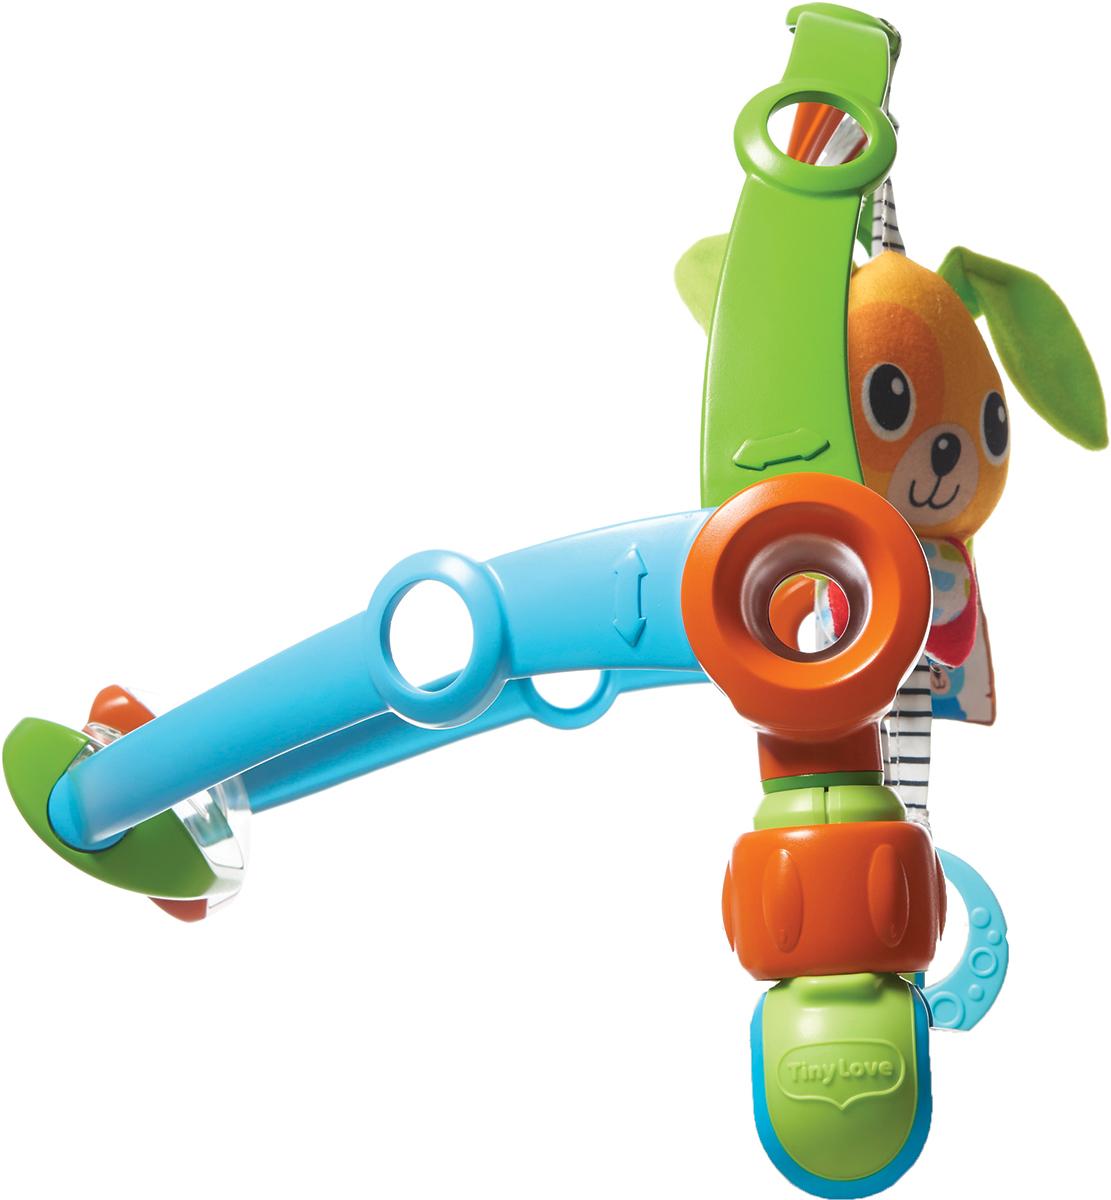 Tiny Love Развивающая дуга Путешествие1403705830Развивающая дуга Tiny Love Путешествие - одновременное развитие ручек и ножек! Дуга легко крепится к коляске и автомобильному креслу. Уклон можно регулировать по удобству ребенка. Зеленая дуга - классическая дуга для развития мелкой моторики, логики и воображения. Содержит развивающие элементы: книжку-шуршалка в виде домика, безопасное зеркало, мягкую игрушку-погремушку с шуршащими ушками, 2 фактурных кольца прорезывателя. Синяя дуга - дополнительная дуга для развития общей моторики и ловкости. Также может быть использована для ручек. Содержит две крутящиеся педали погремушки с рифленой поверхностью. Дуги легко двигаются назад и вперед, что позволяет их подвинуть ближе или дальше от ребенка. Универсальное крепление с нескользящим покрытием позволяет использовать дугу на всех моделях колясок и люлек.